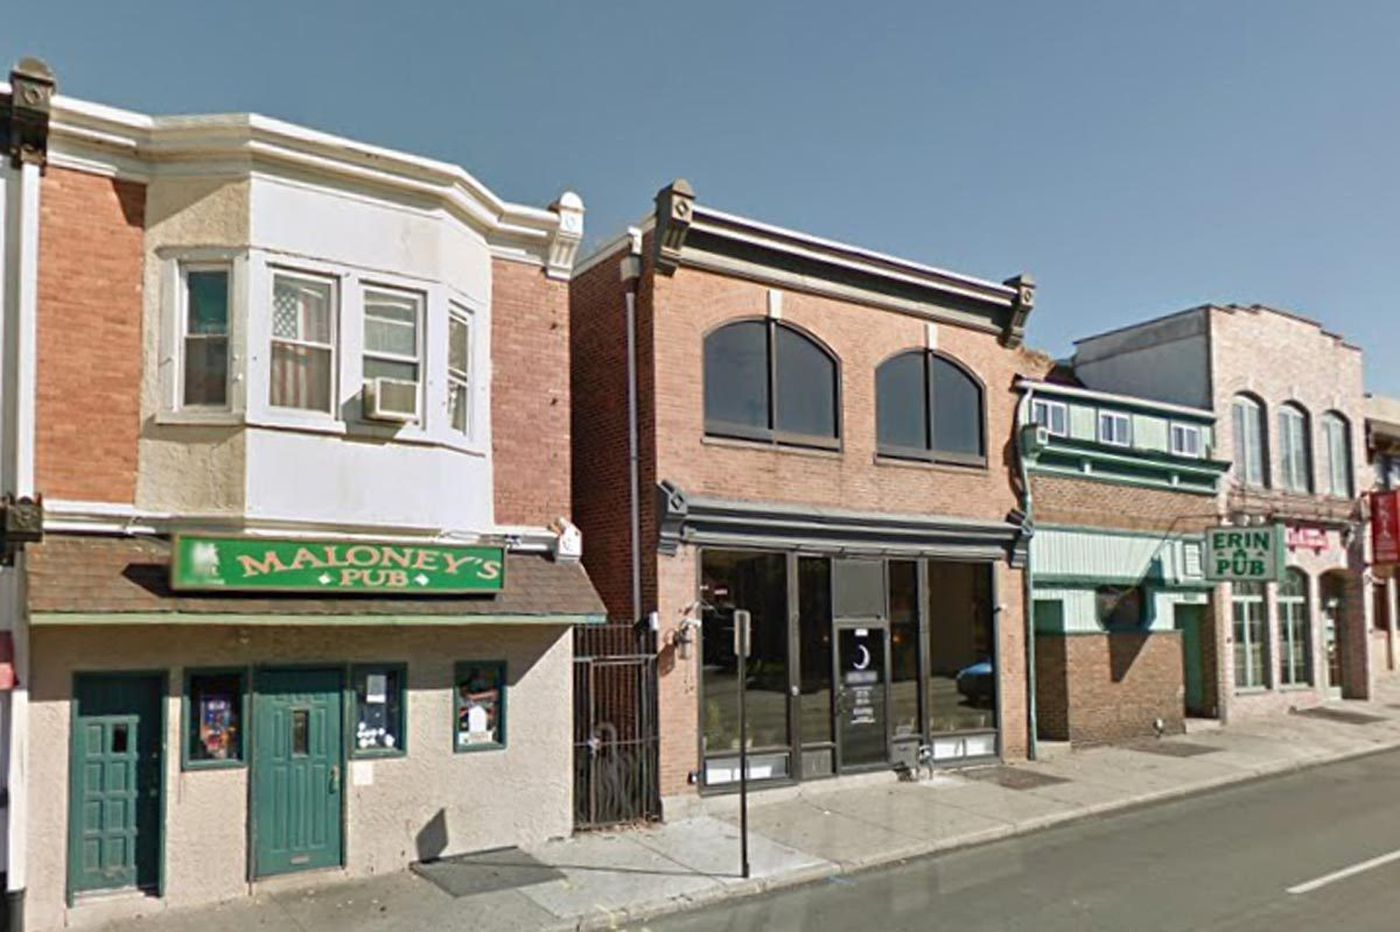 2 Villanova dive bars to close: Erin Pub and Maloney's Pub